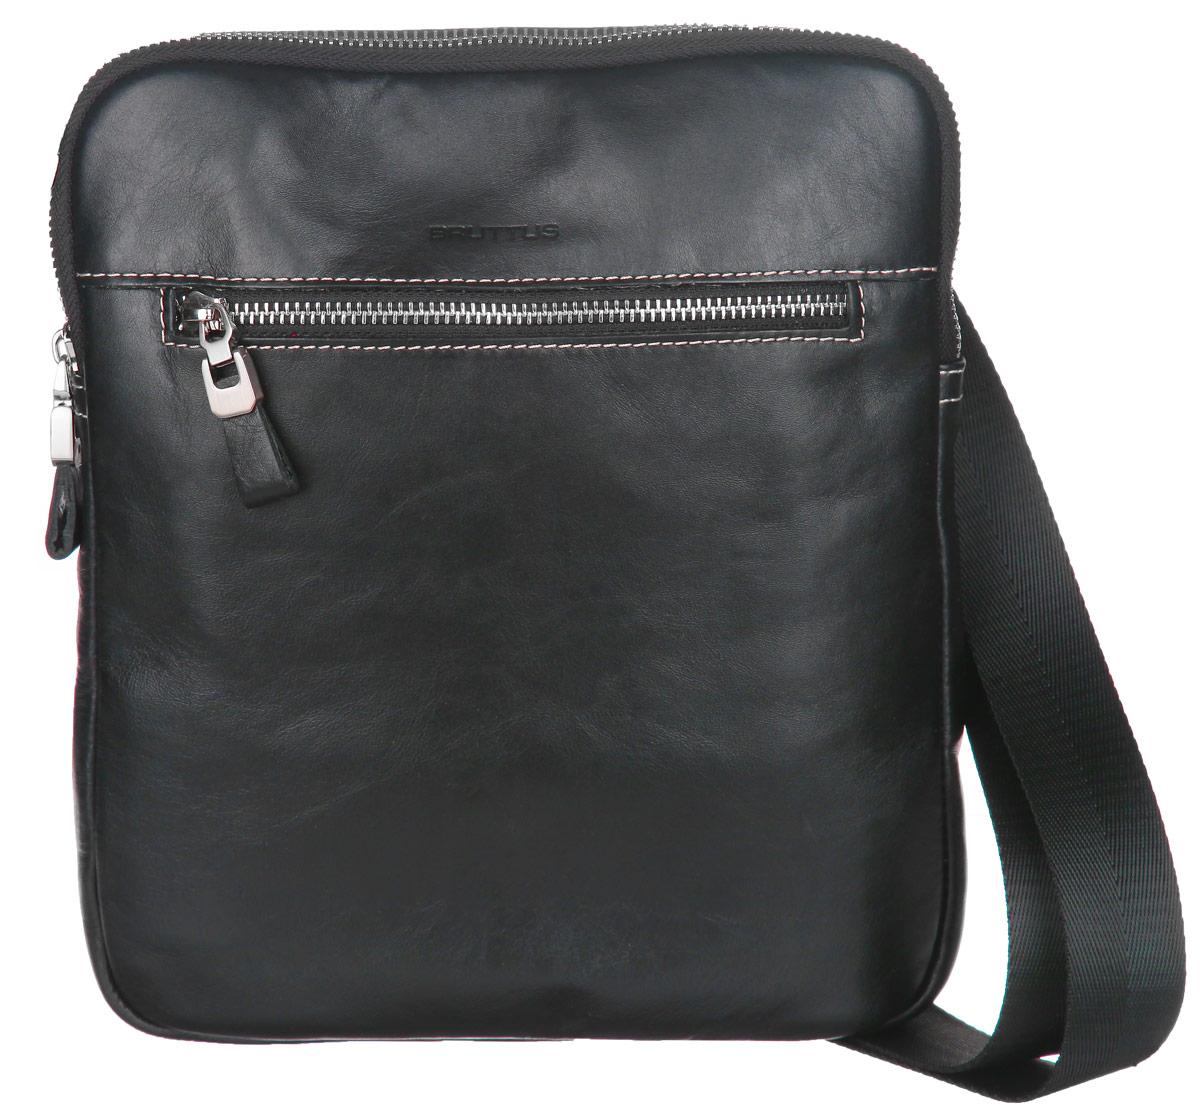 Сумка мужская Bruttus, цвет: черный. 9313-47670-00504Стильная мужская сумка Bruttus изготовлена из натуральной кожи. Модель имеет одно основное отделение, которое закрывается на застежку-молнию. Внутриимеется два открытых кармашка для телефона и мелочей и прорезной карман на застежке-молнии. Снаружи на передней стенке располагается прорезной карман на застежке-молнии. На заднейстенке - пришивной карман на магнитной кнопке. Изделие оснащено текстильным плечевым ремнем, который регулируется по длине. Сумкаупакована в фирменный чехол. Сумка Bruttus поможет вам подчеркнуть чувство стиля и завершить выбранный образ.